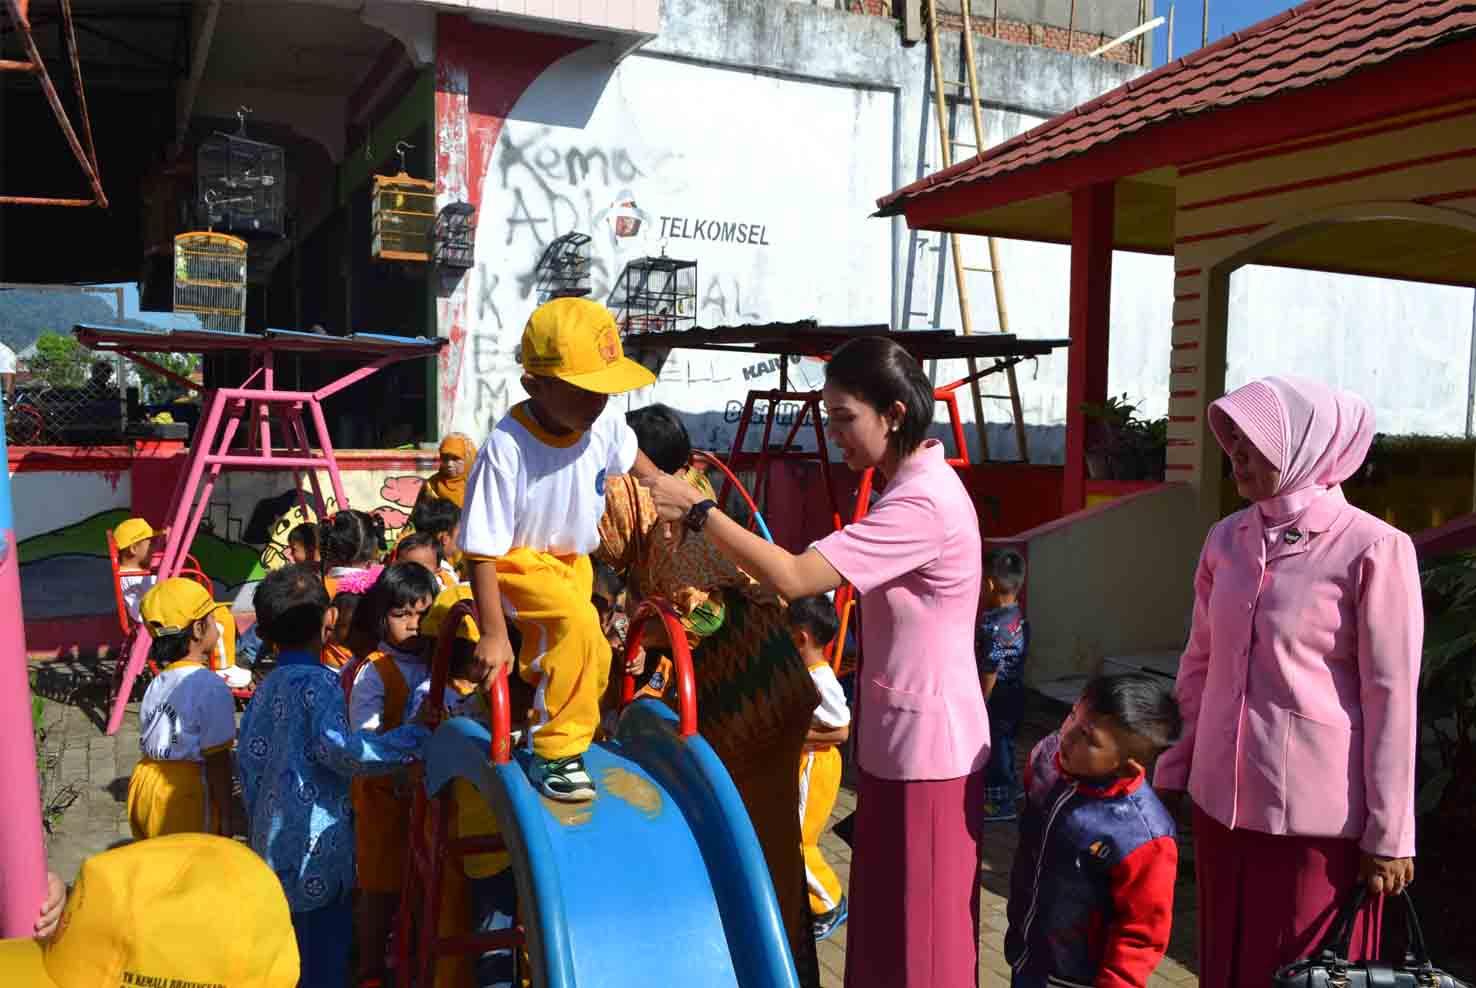 Tanamkan Kepedulian Sosial Pada Anak, Ketua Bhayangkari Cabang Kepahiang Kunjungi TK